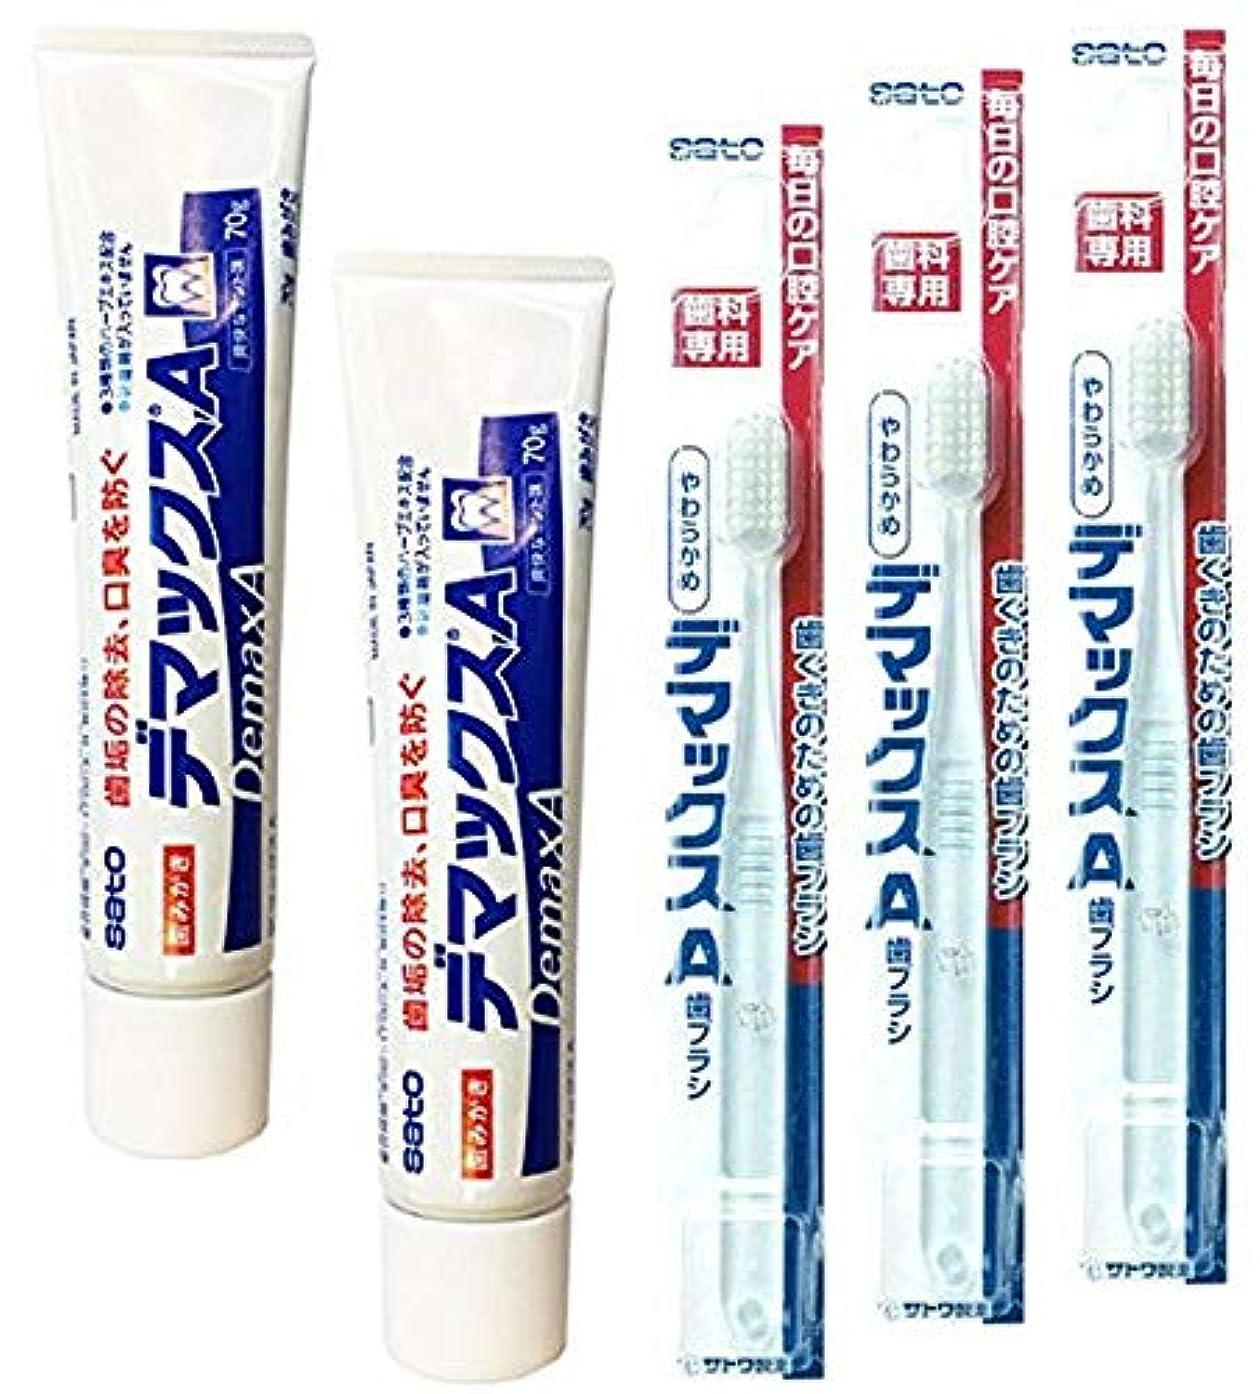 価値扱うリクルート佐藤製薬 デマックスA 歯磨き粉(70g) 2個 + デマックスA 歯ブラシ 3本 セット